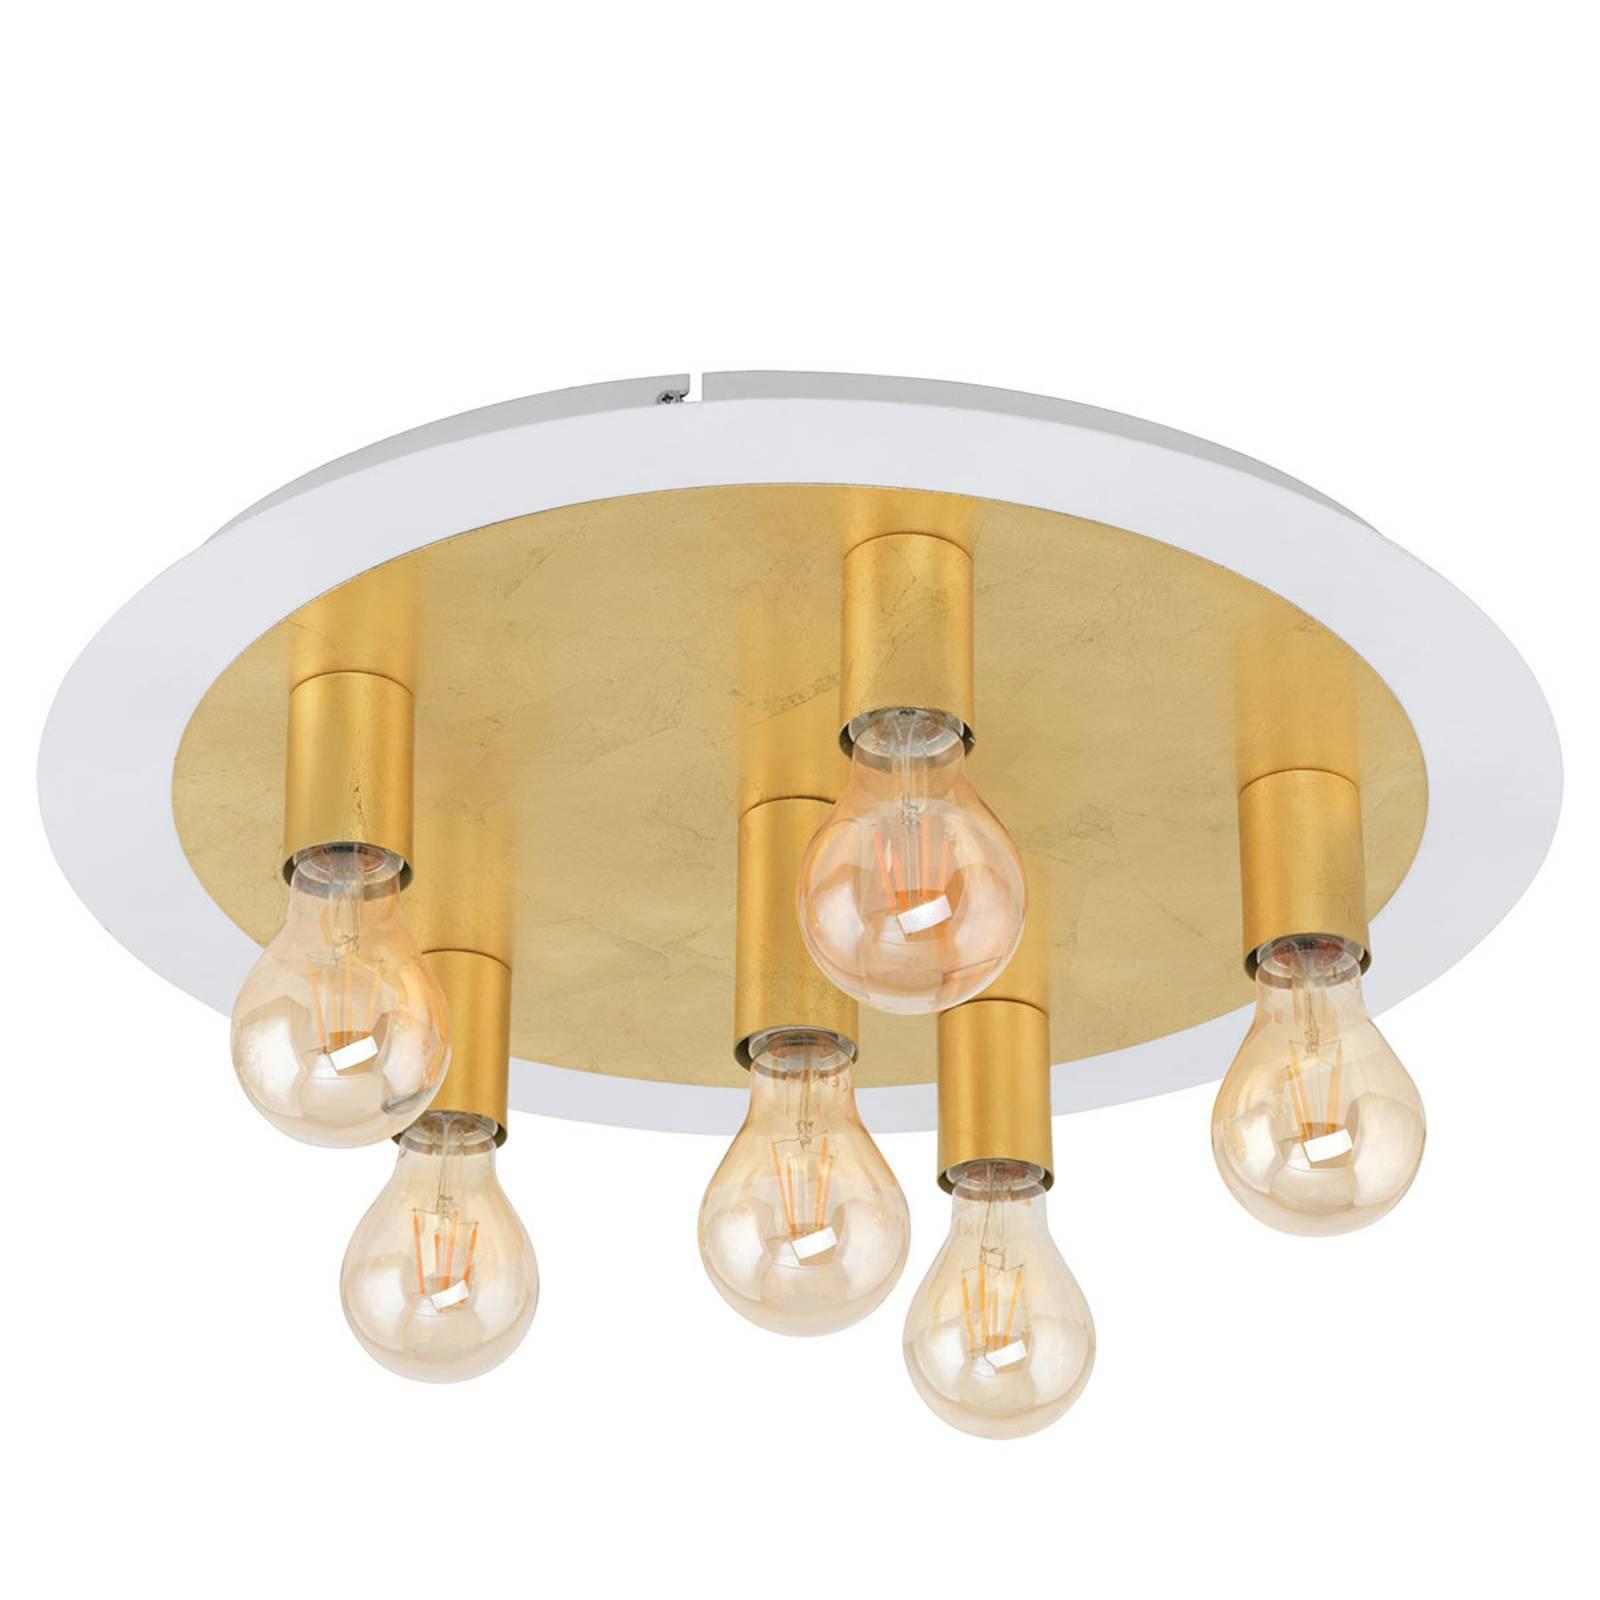 Lampa sufitowa LED Passano 6-punktowa złota